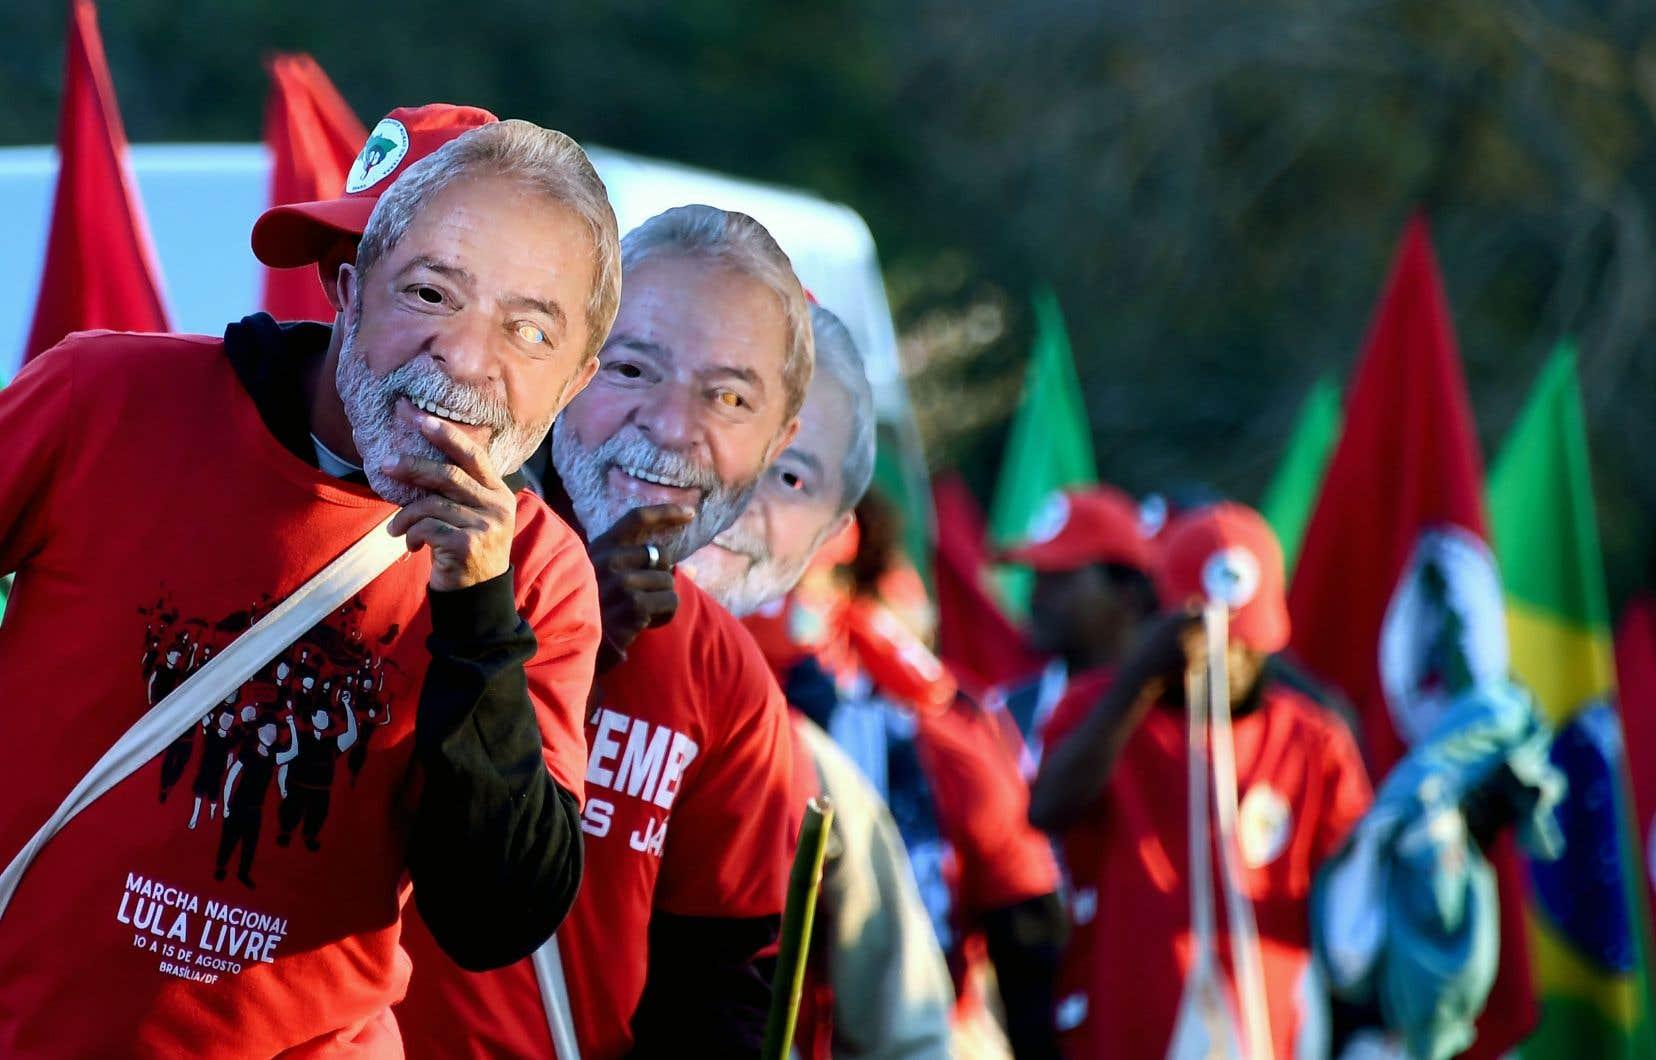 Des militants de gauche ont marché dans la rue pour réclamer la libération de l'ancien président Luiz Inácio Lula da Silva, se couvrant le visage d'un masque de leur leader.